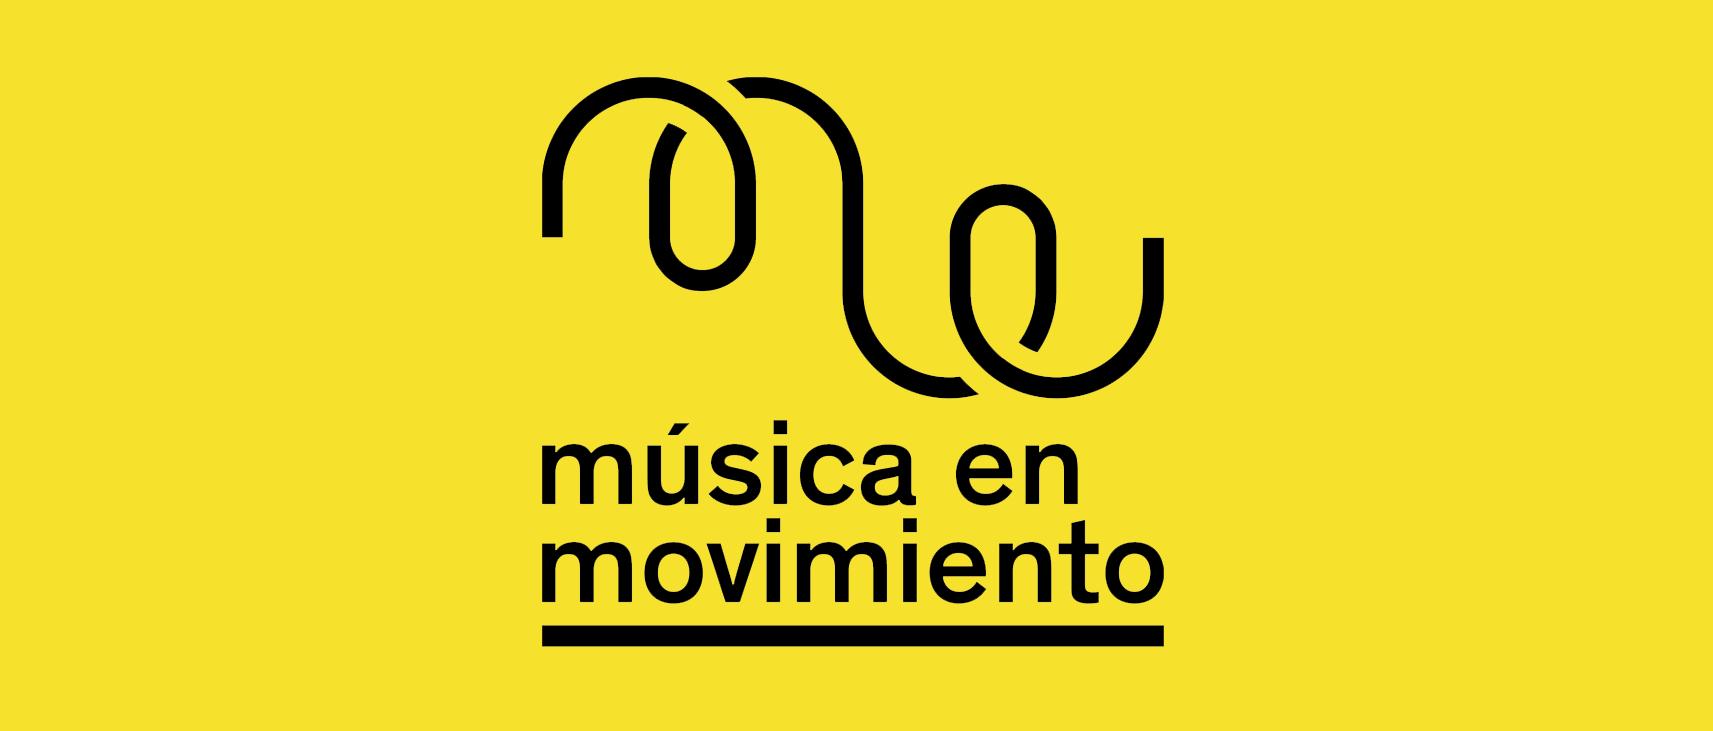 MUSICA EN MOVIMIENTO